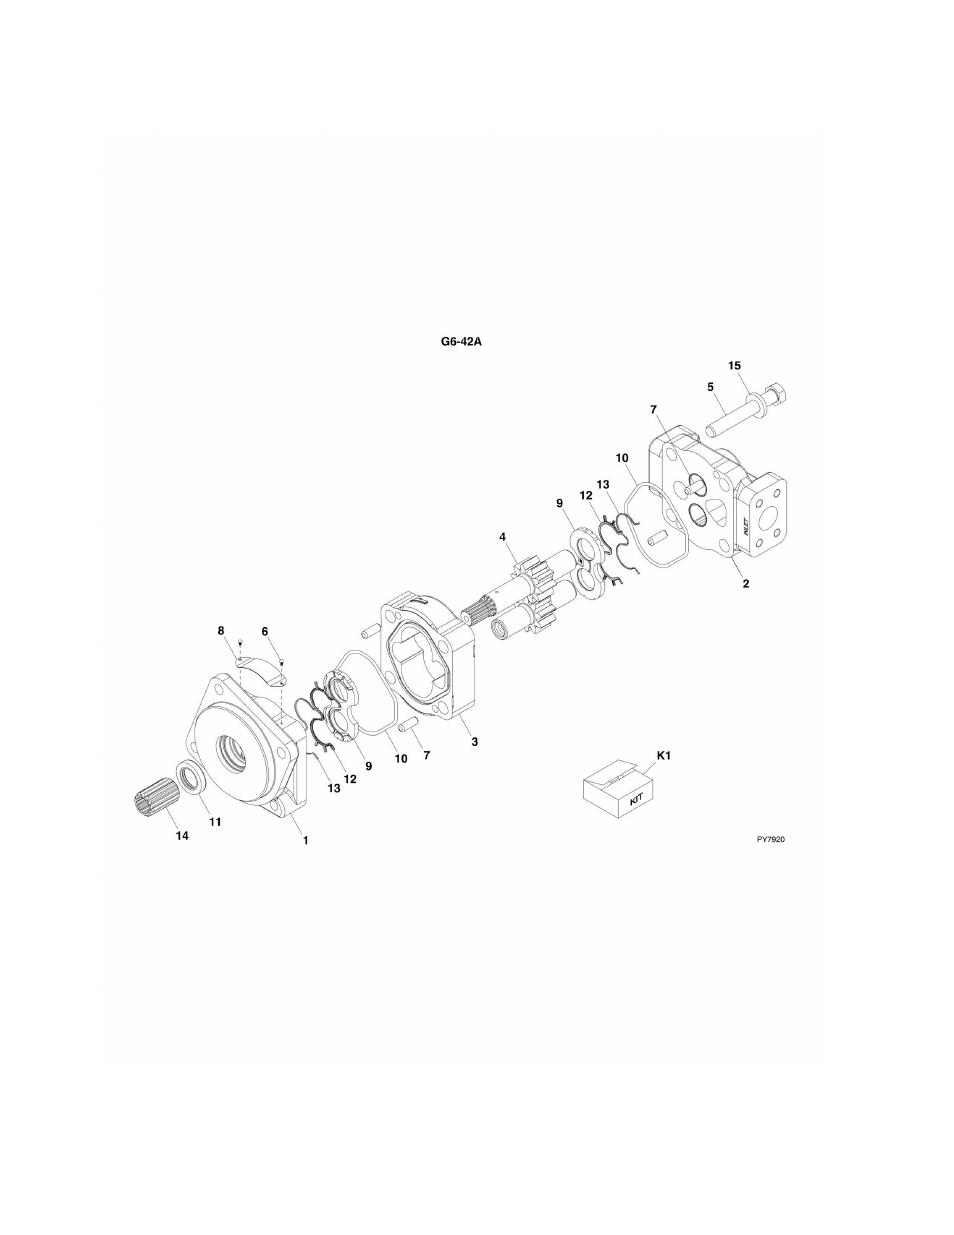 Jlg Hydraulic Pump : Figure hydraulic pump g a jlg parts